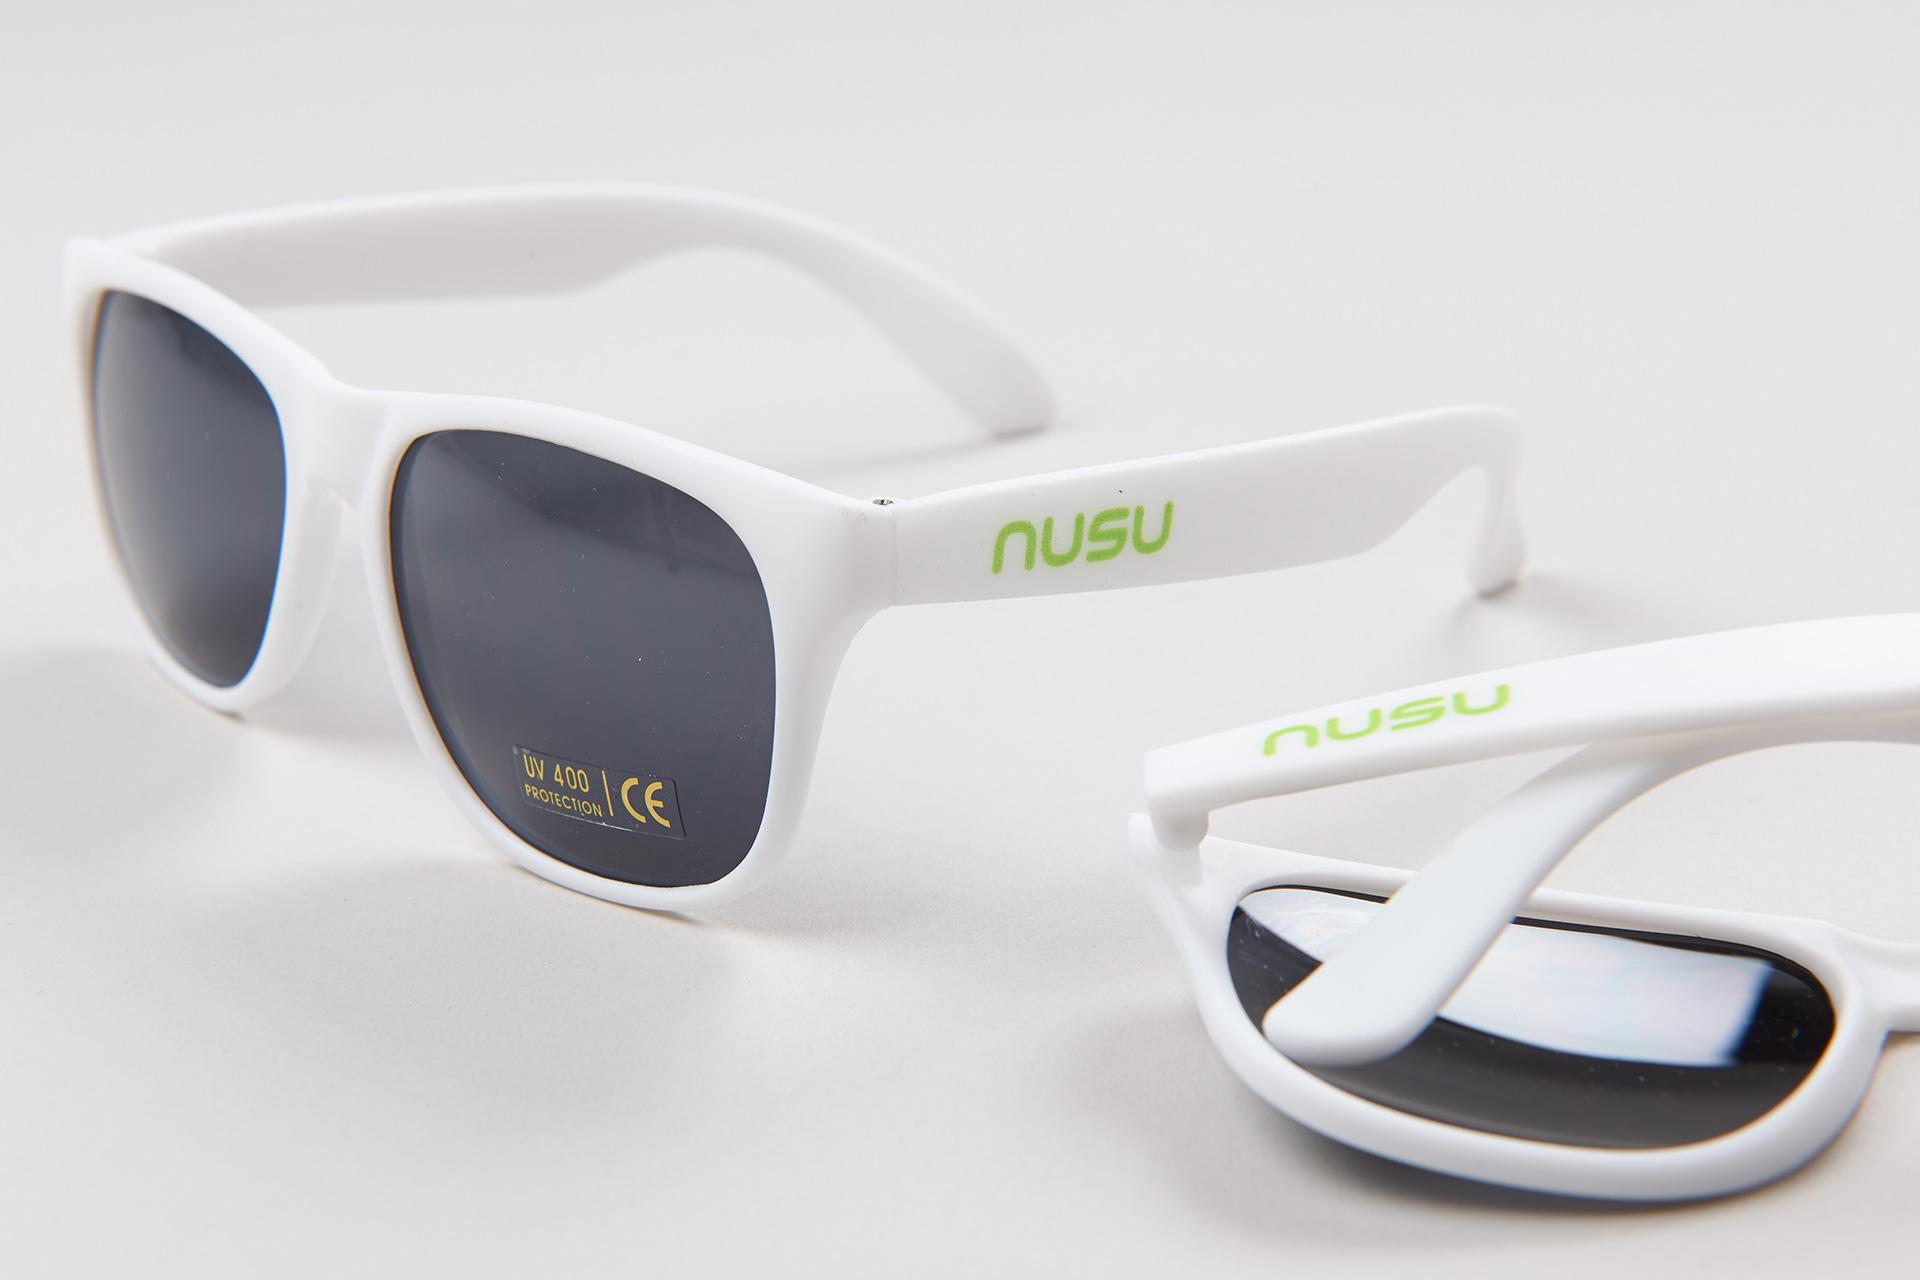 toloom-arbeiten-nusu-14-brille.jpg